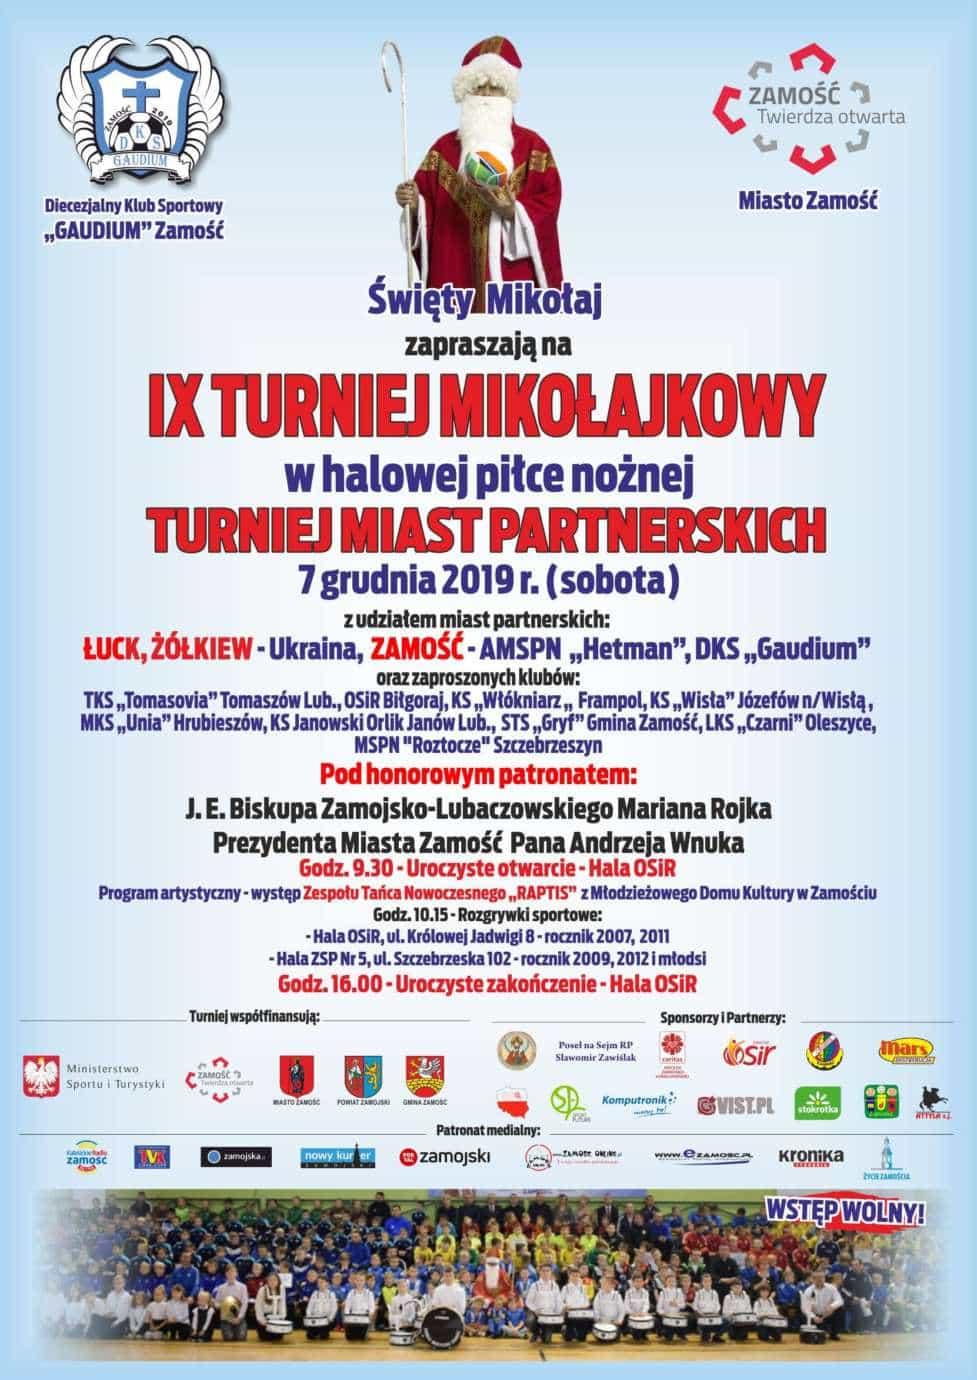 unnamed Zamość: Turniej Mikołajkowy w halowej piłce nożnej (ZAPOWIEDŹ)